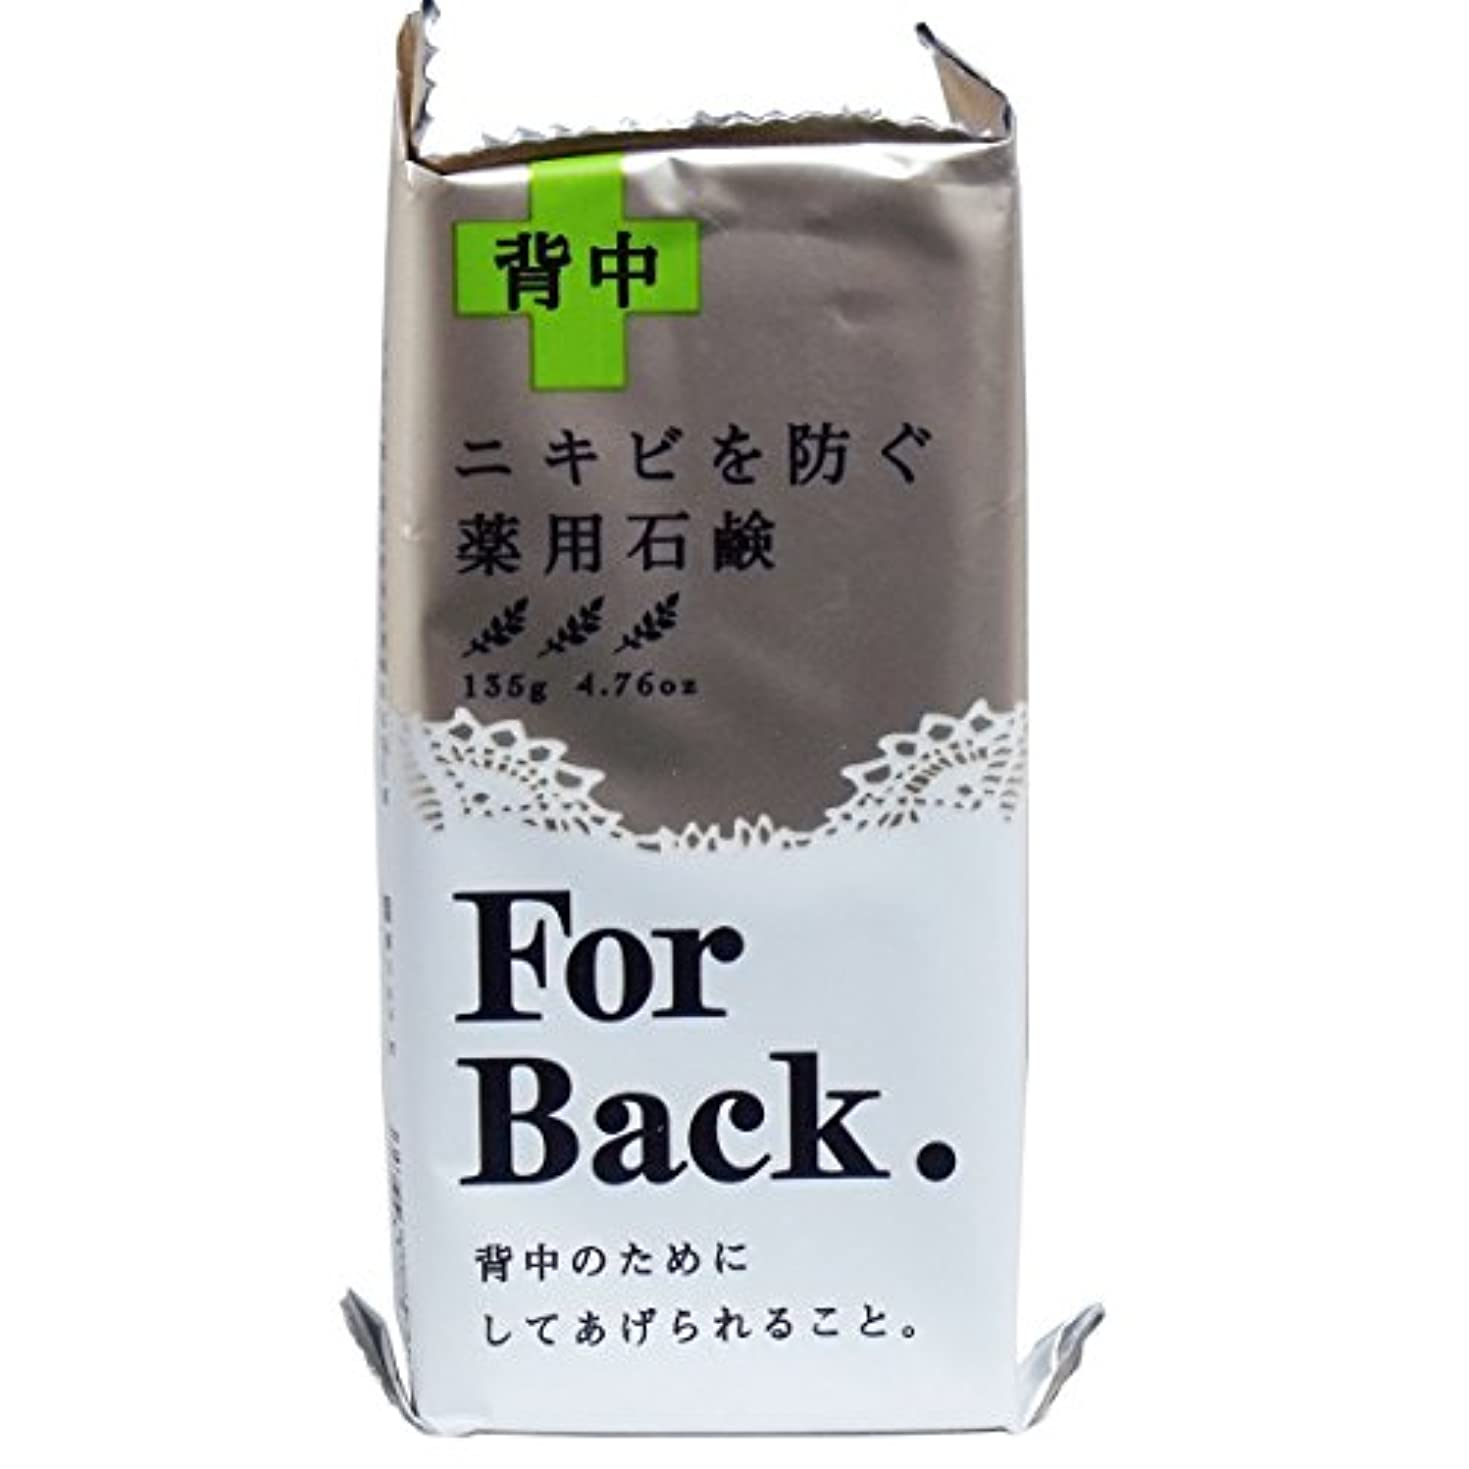 薬用石鹸ForBack 135g × 7個